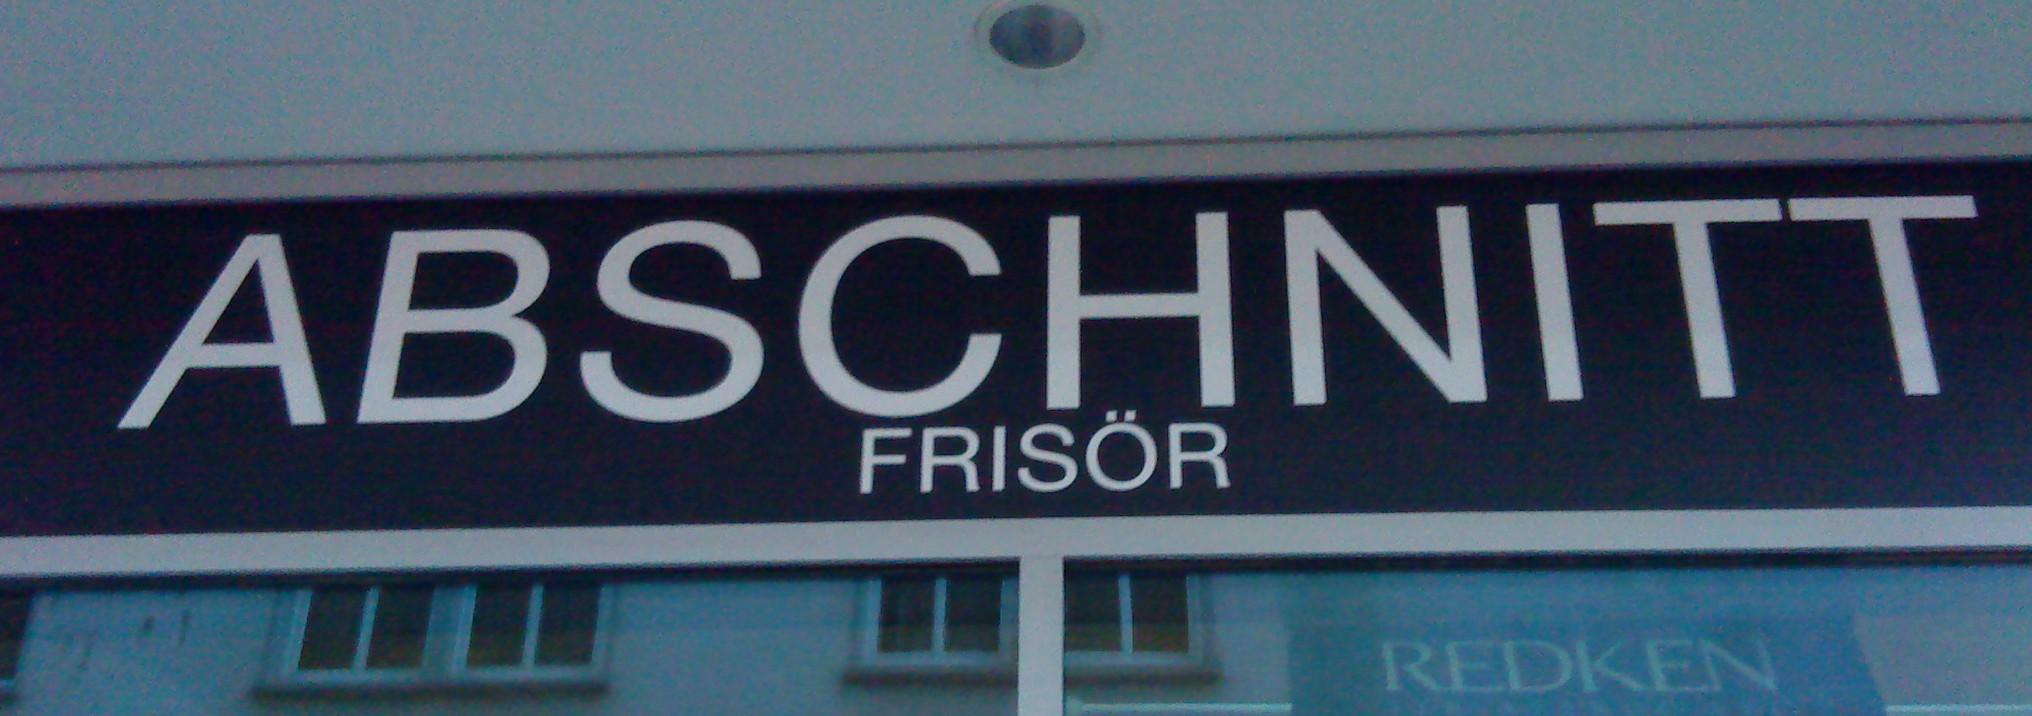 AbschnittsbevollmächtigtHAIR (I)